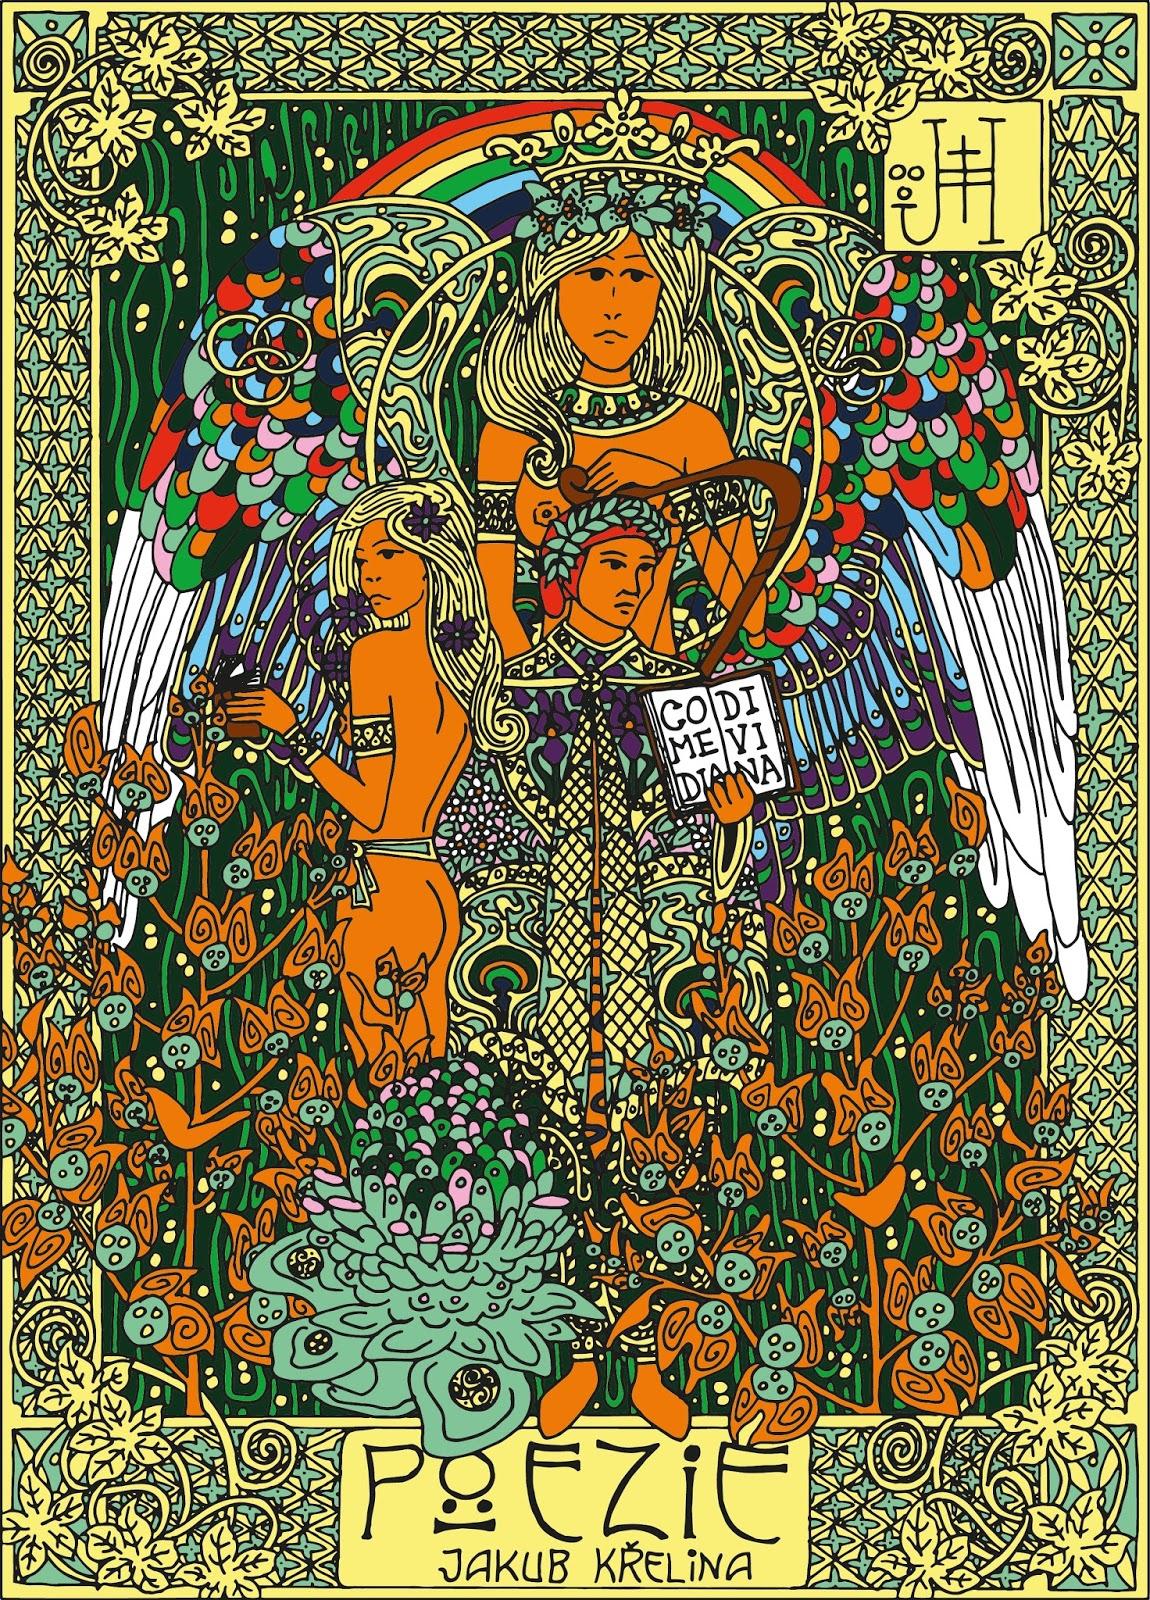 Ilustrace obálky básnické sbírky Poezie (autor Jan Hachran)